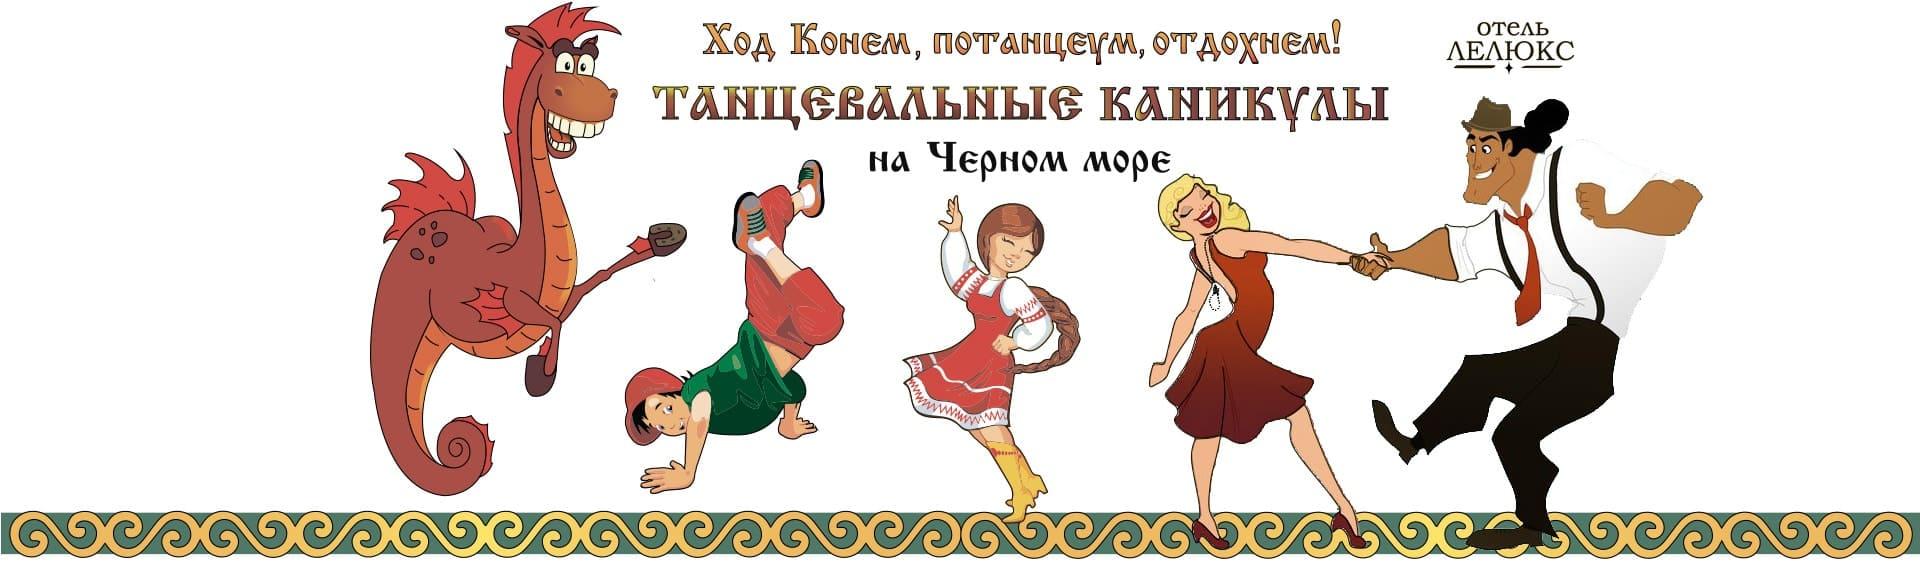 Отель Лелюкс, Ольгинка, Туапсе, семейный отдых с детьми на Черном море